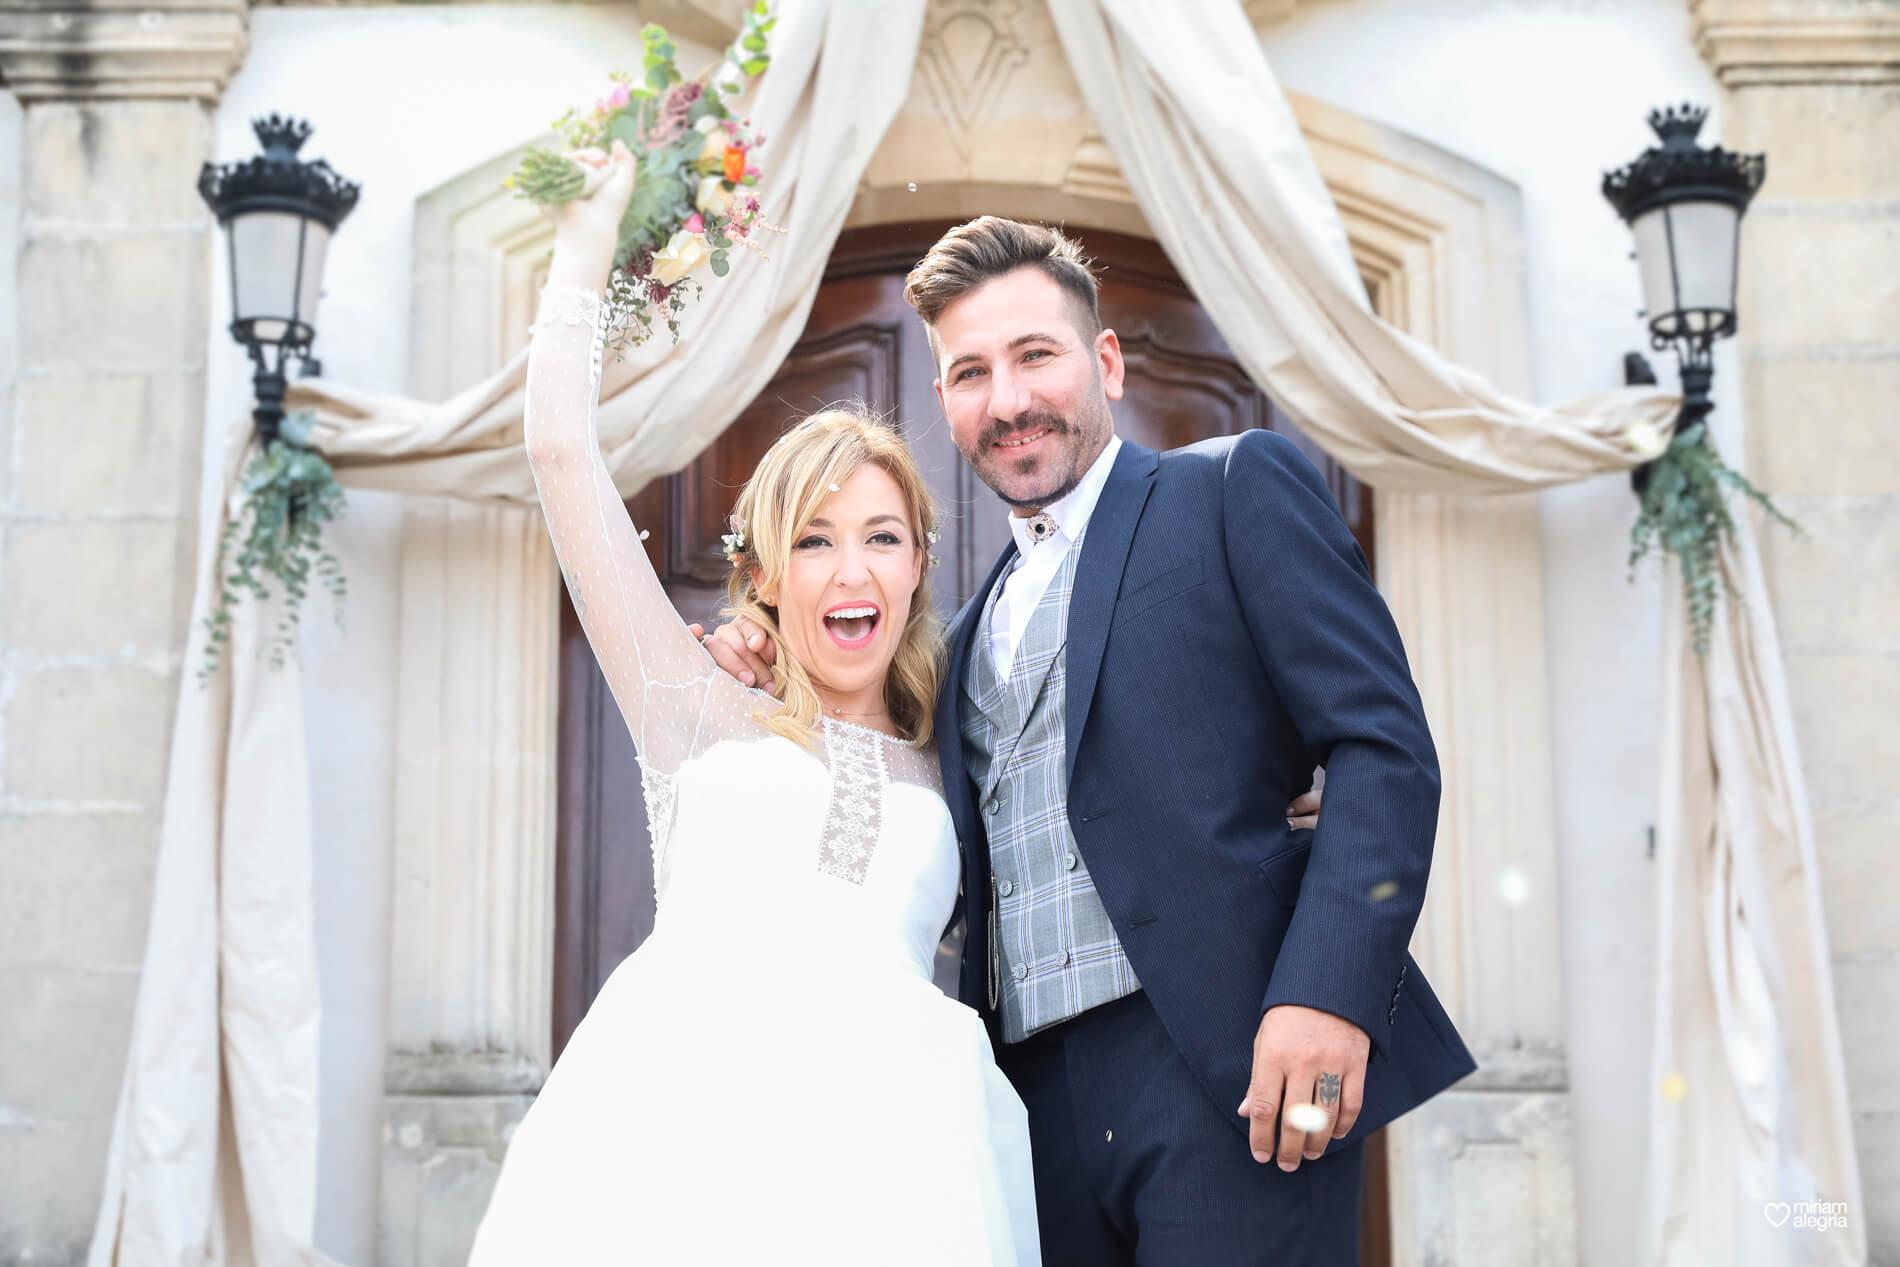 boda-en-finca-villa-vera-de-alemc7-miriam-alegria-fotografos-boda-murcia-91